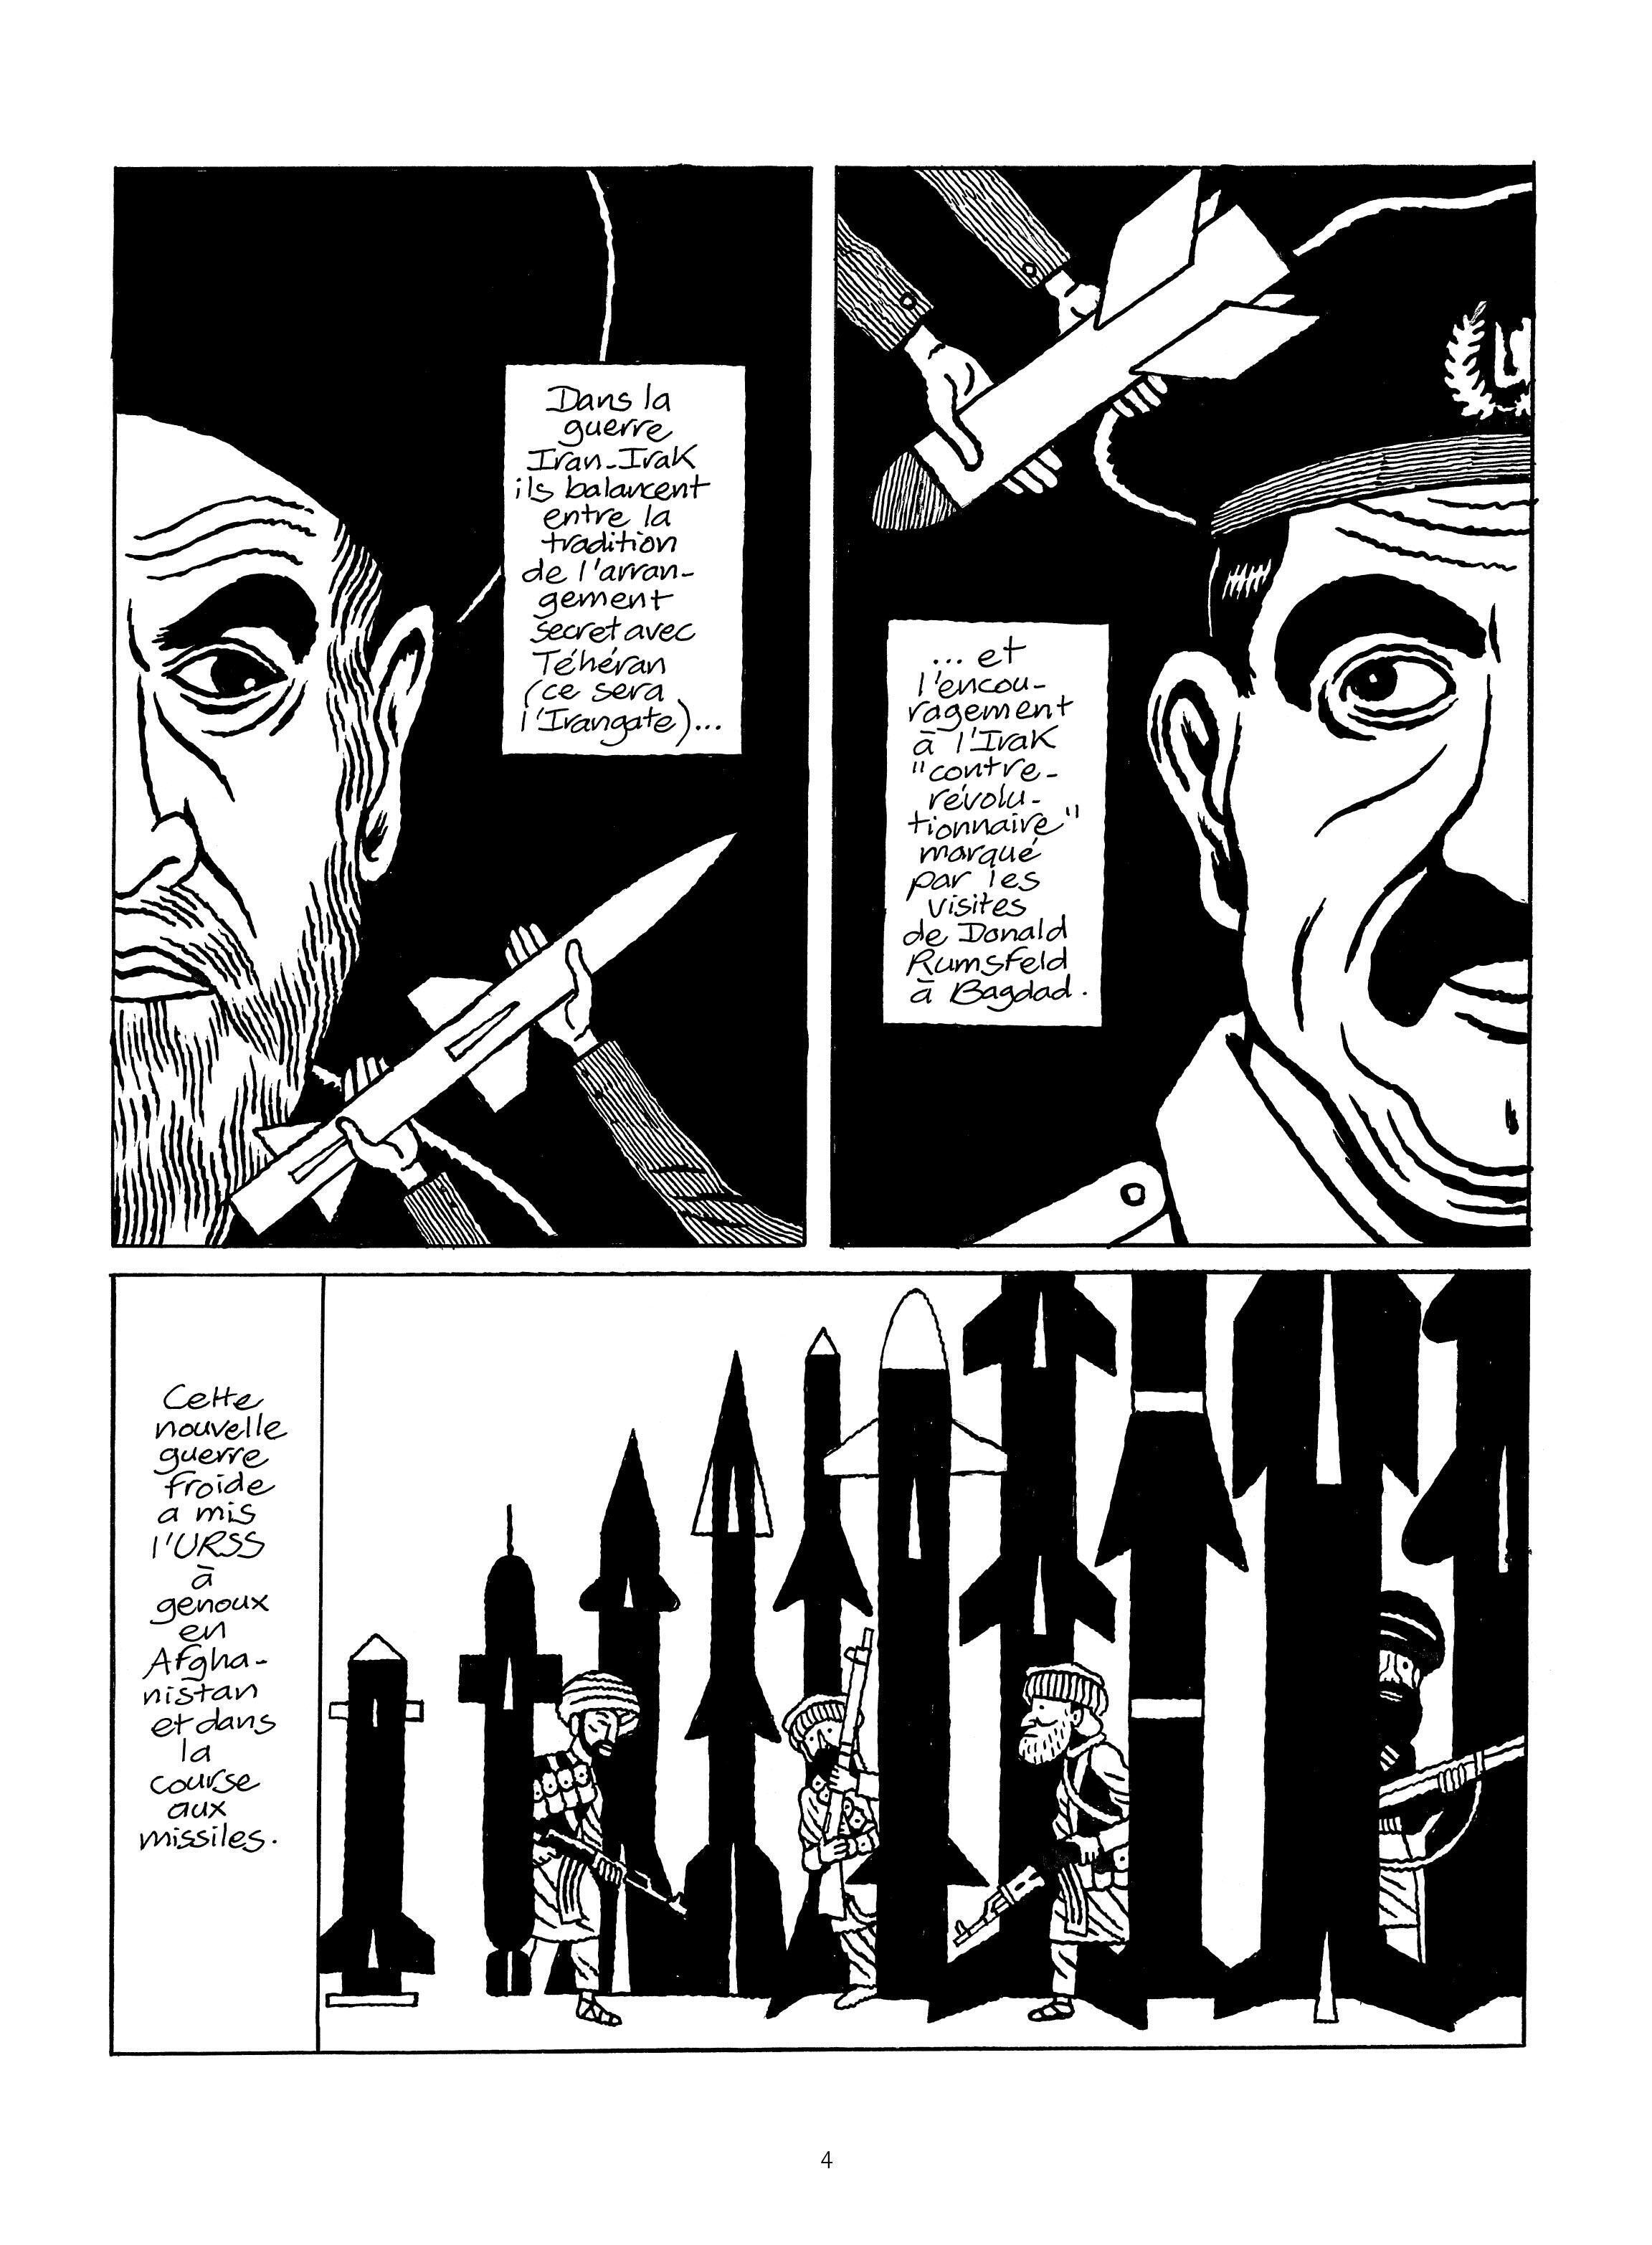 Página de 'Los emjores enemigos'.